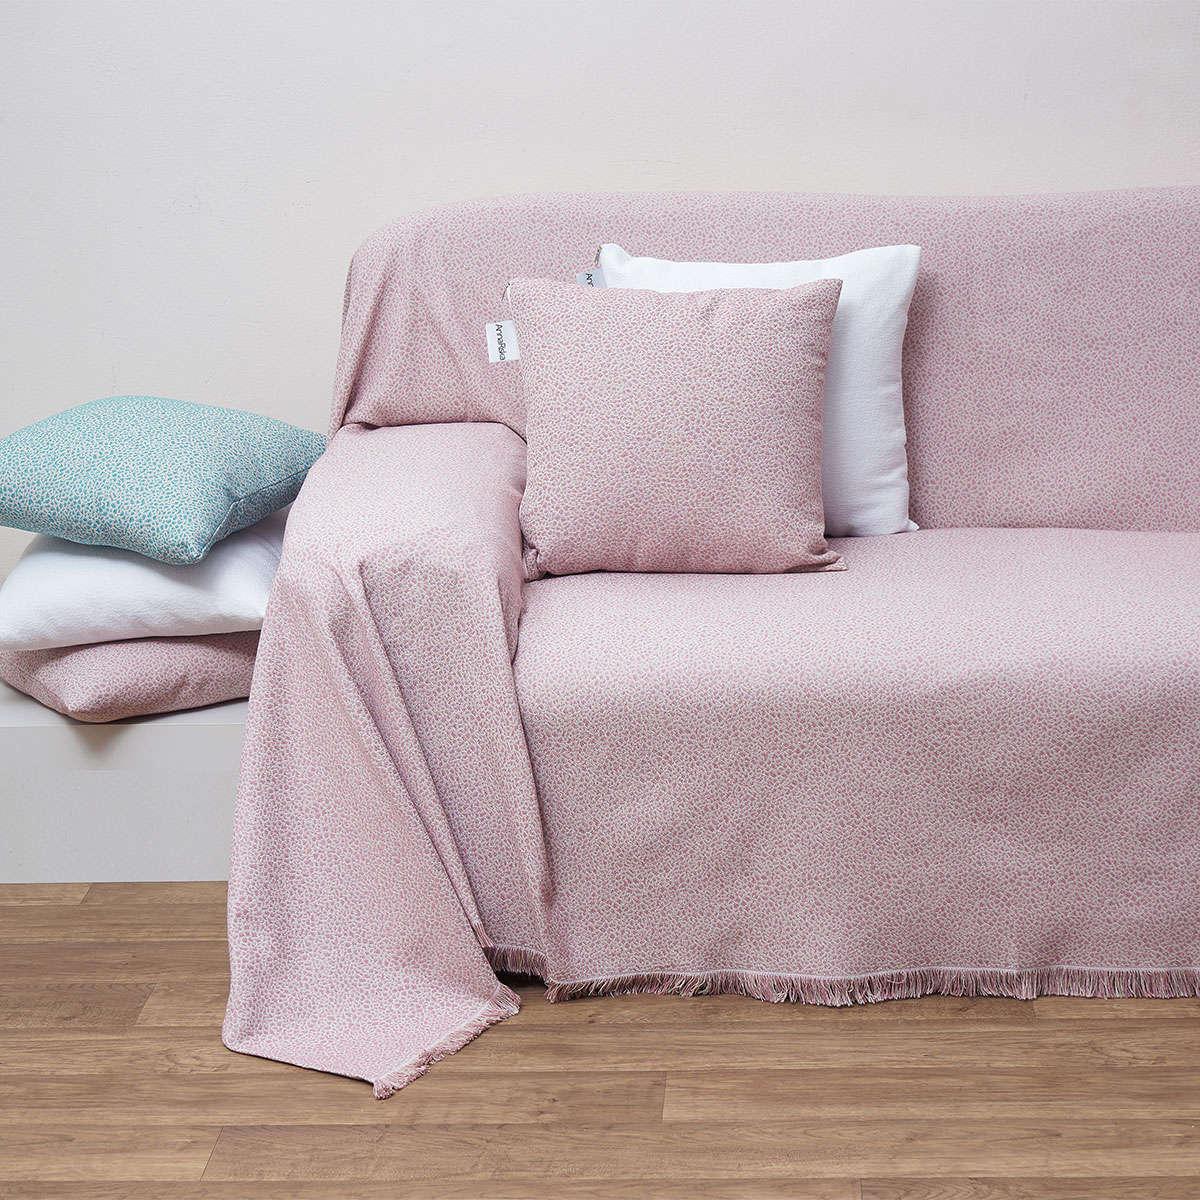 Μαξιλάρι Διακοσμητικό (Με Γέμιση) Des. 1554 Blush Pink Anna Riska 40Χ40 100% Polyester